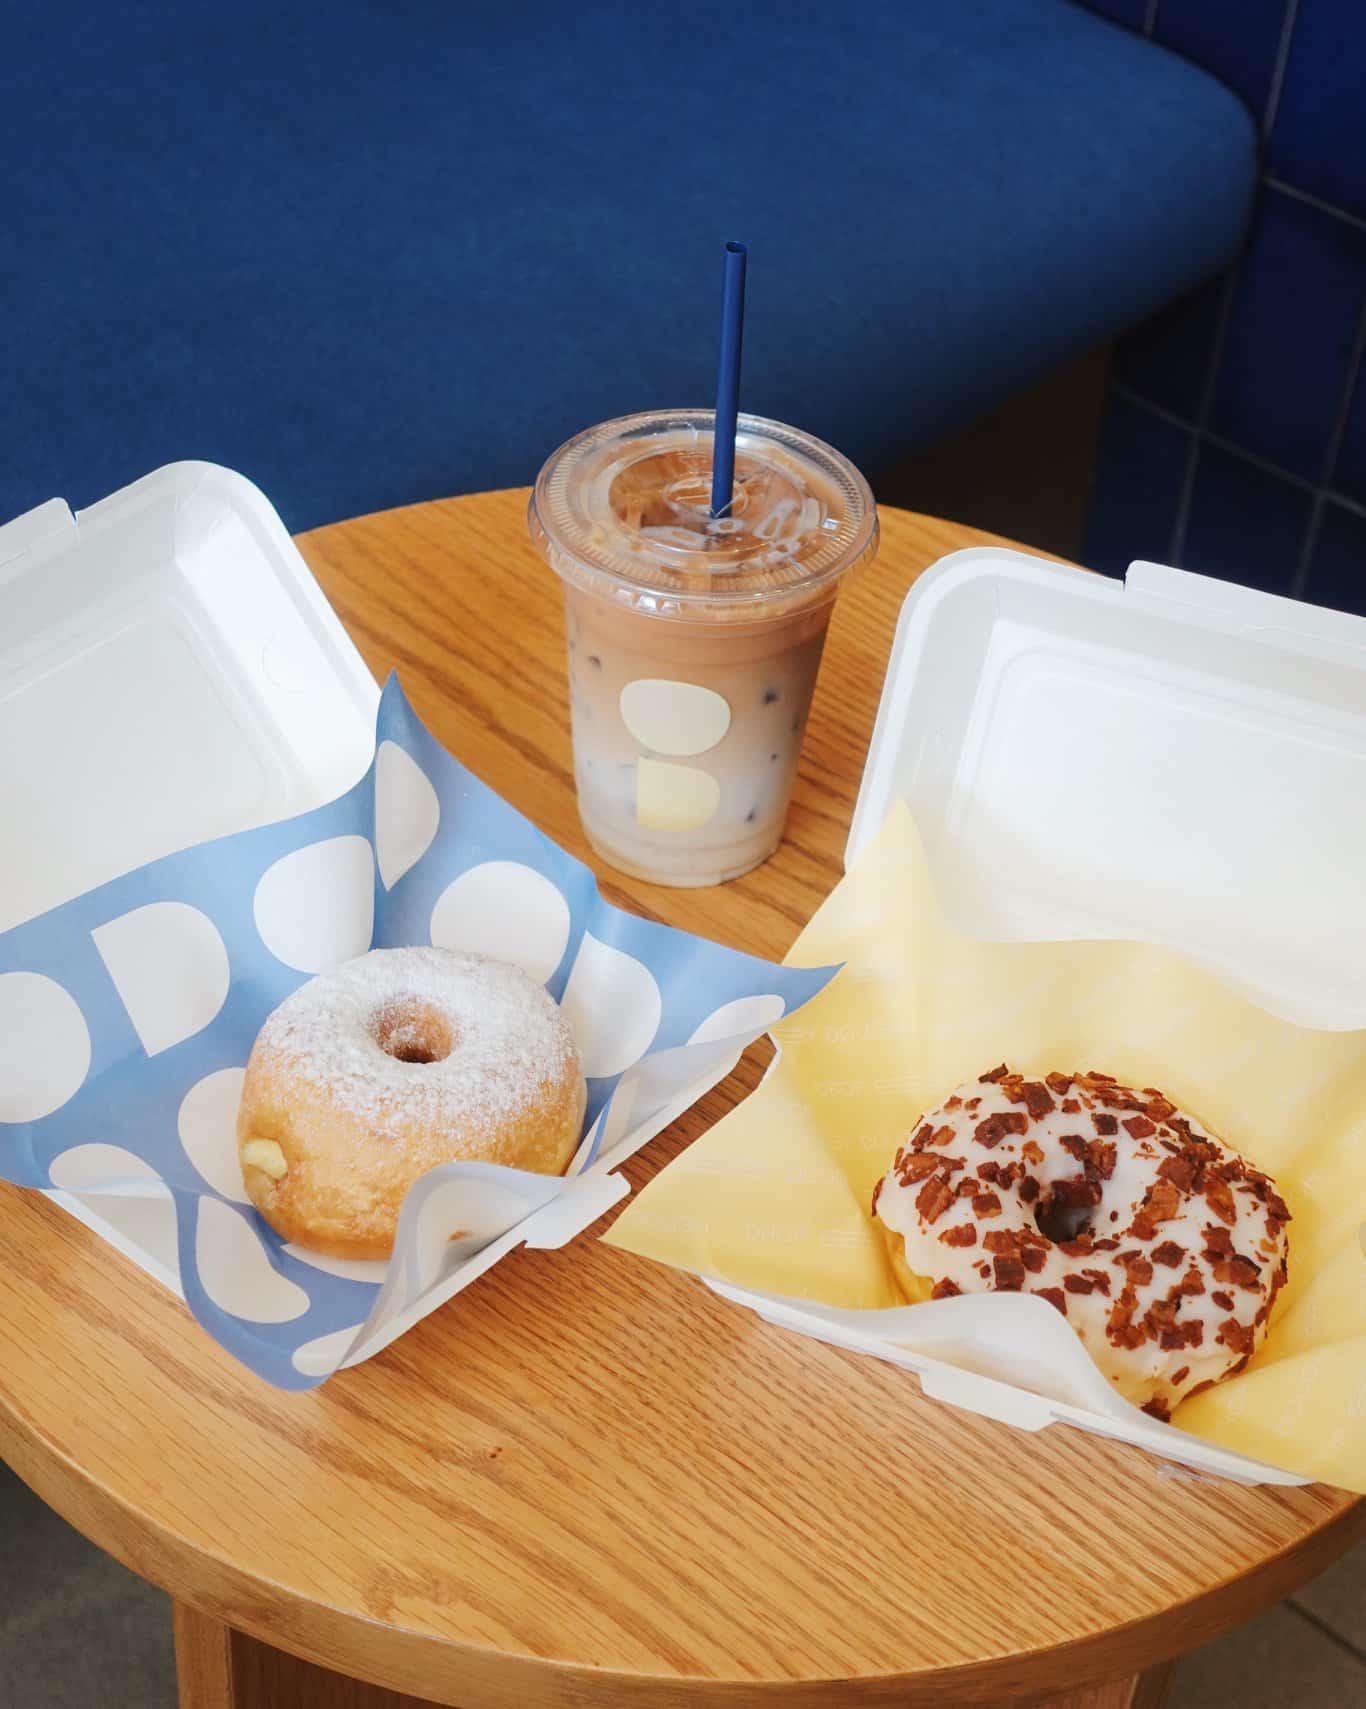 donut 05 - แนะนำ 7 ร้านโดนัทแสนอร่อย แป้งนุ่ม หน้าล้น ที่ไม่ควรพลาด